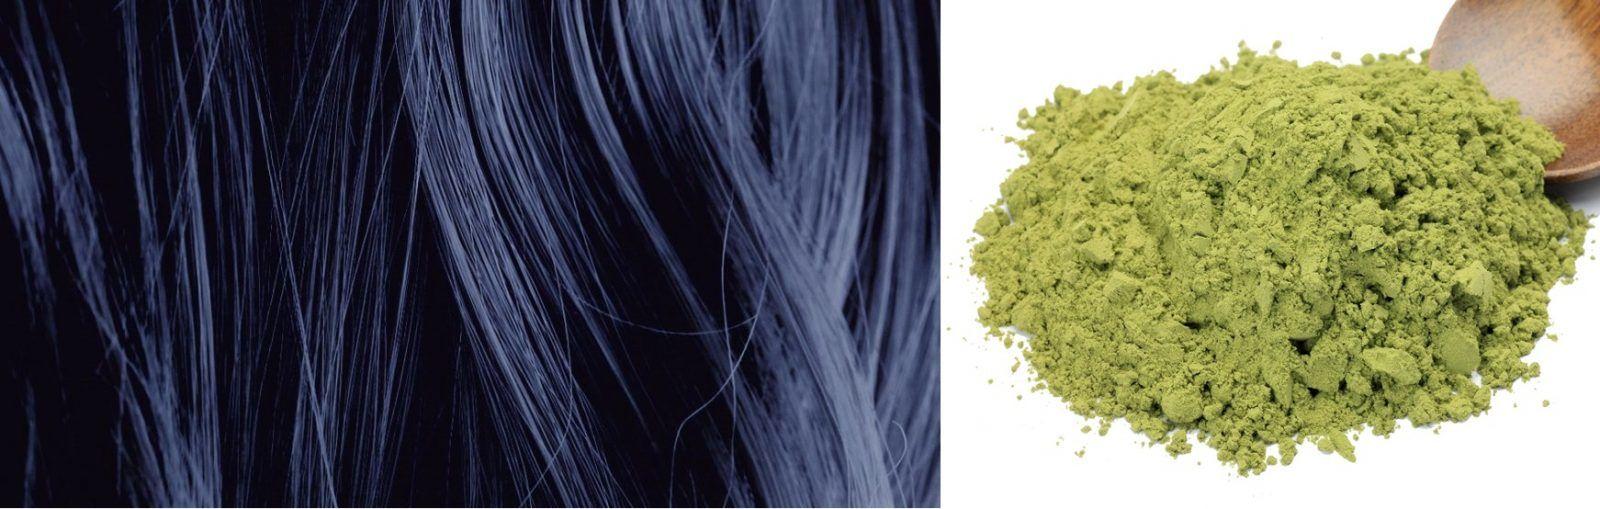 Nhuộm tóc màu xanh đen (chàm) từ lá chàm